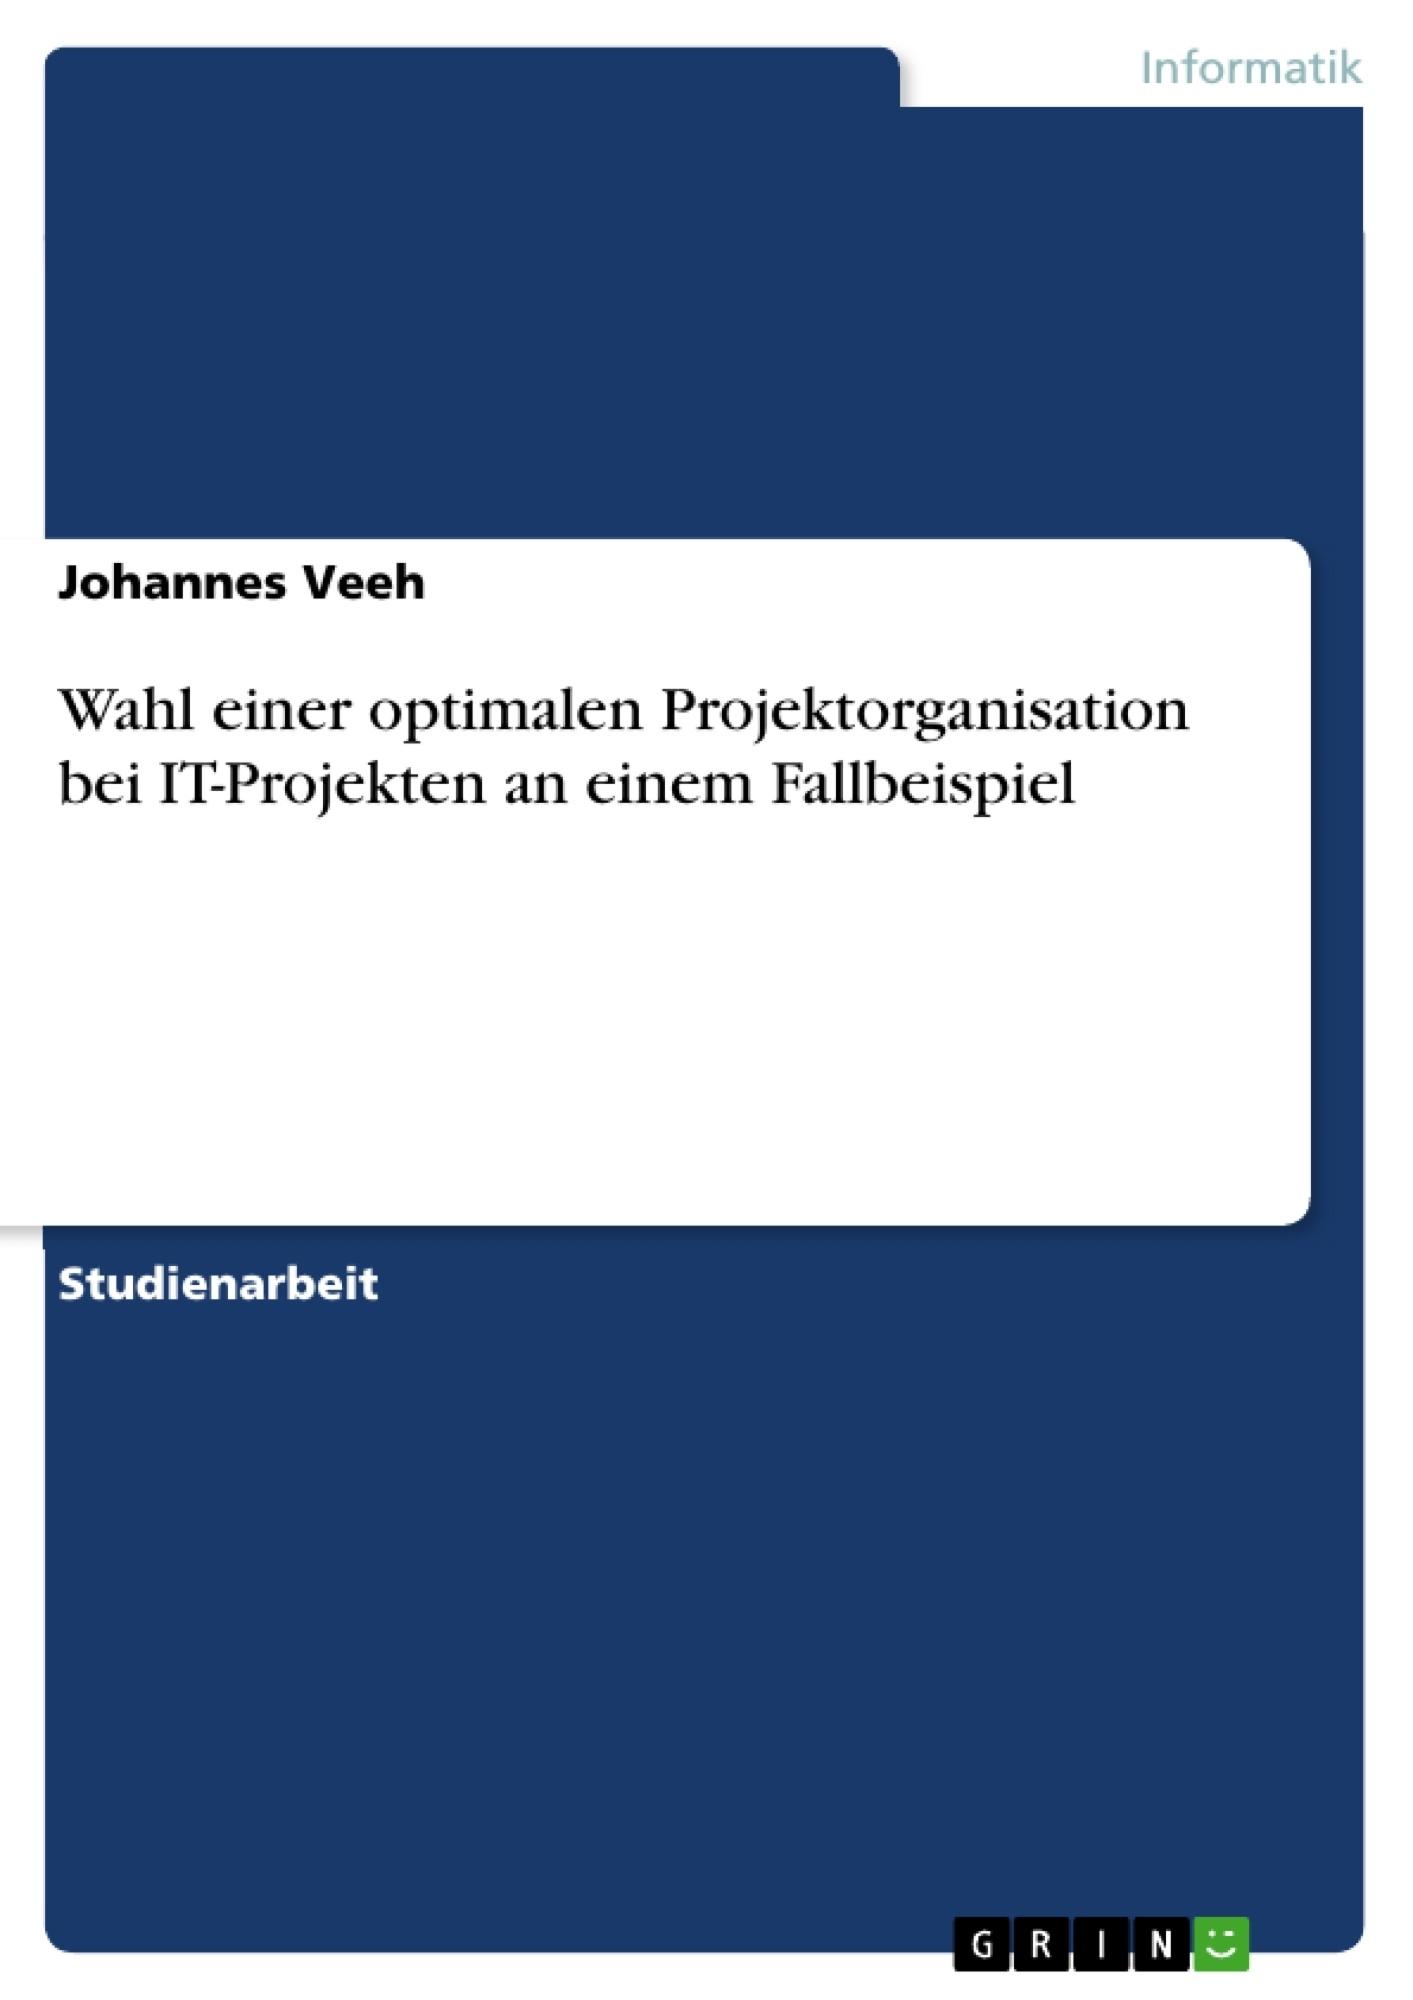 Titel: Wahl einer optimalen Projektorganisation bei IT-Projekten an einem Fallbeispiel